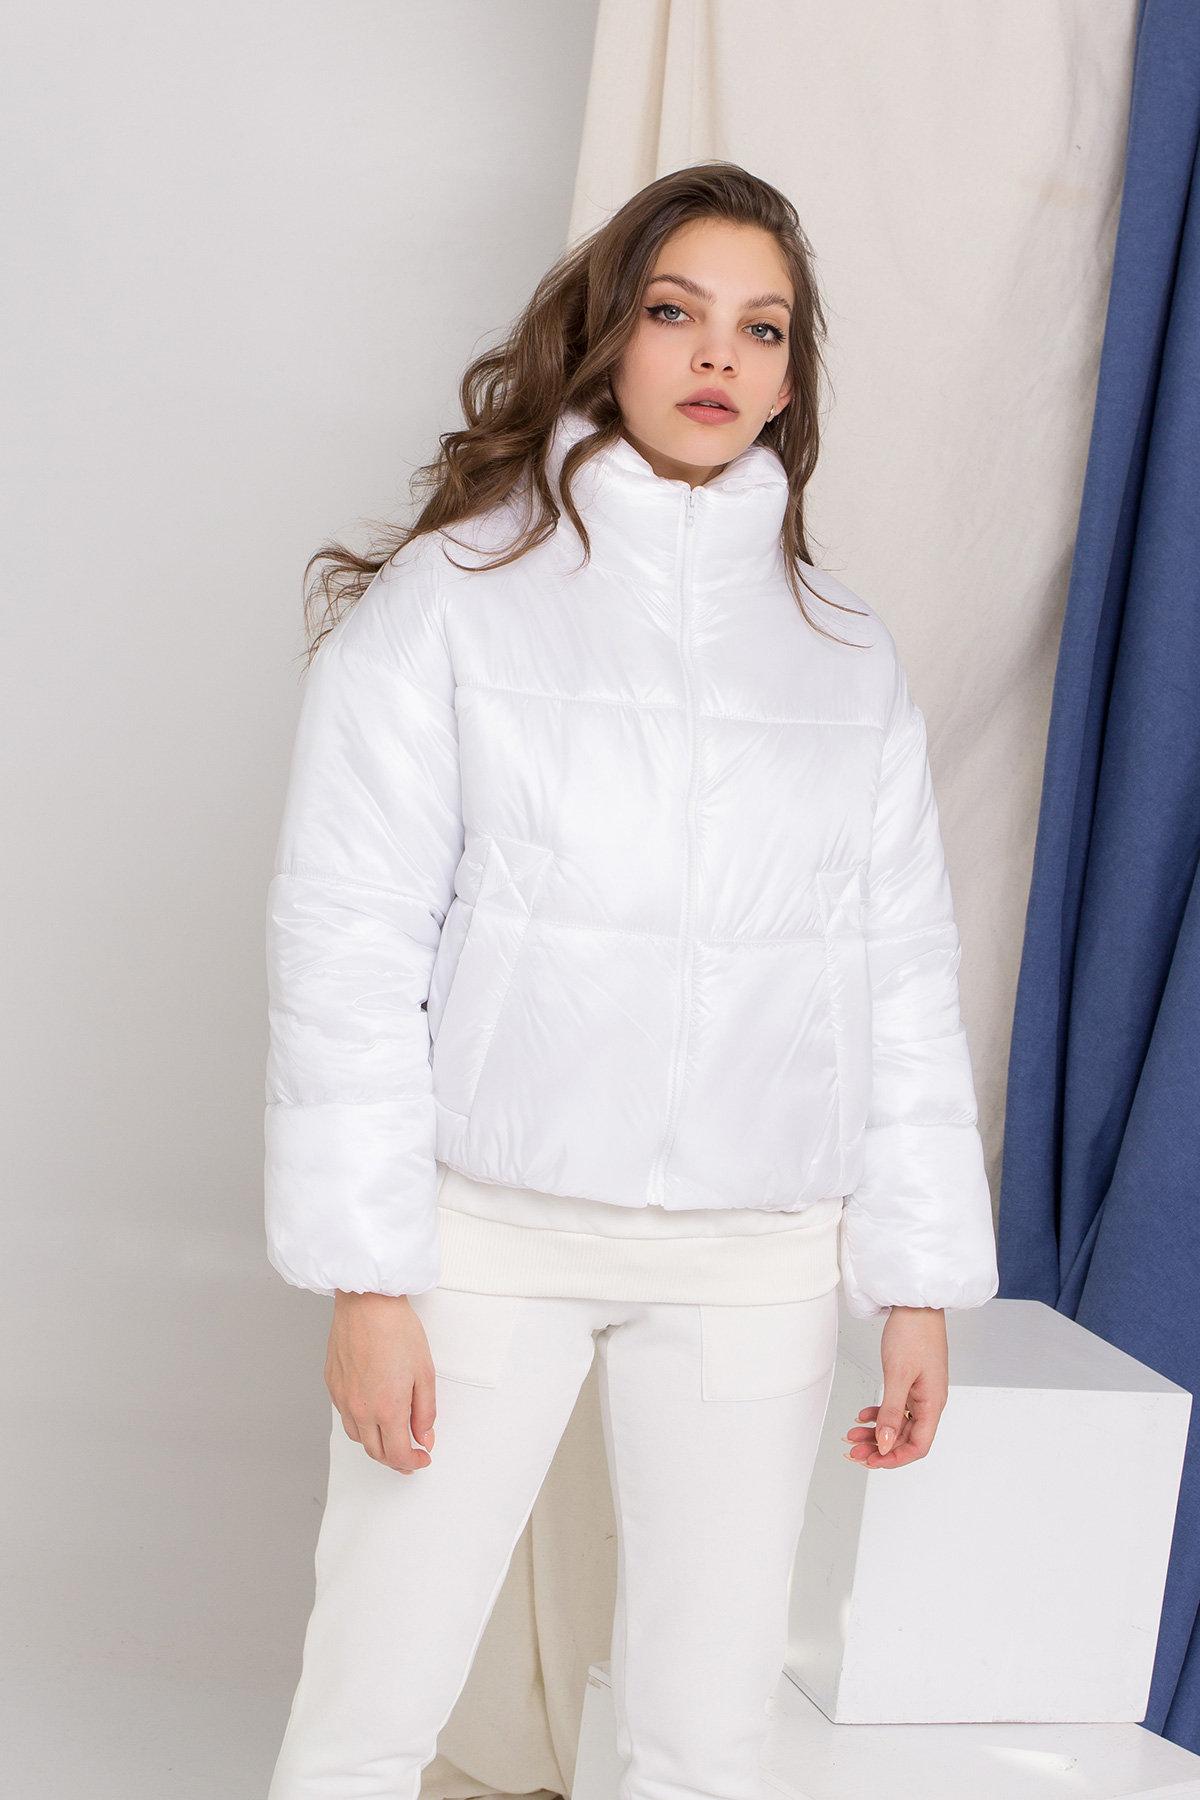 Куртка Драйв 8989 АРТ. 45295 Цвет: Белый - фото 2, интернет магазин tm-modus.ru